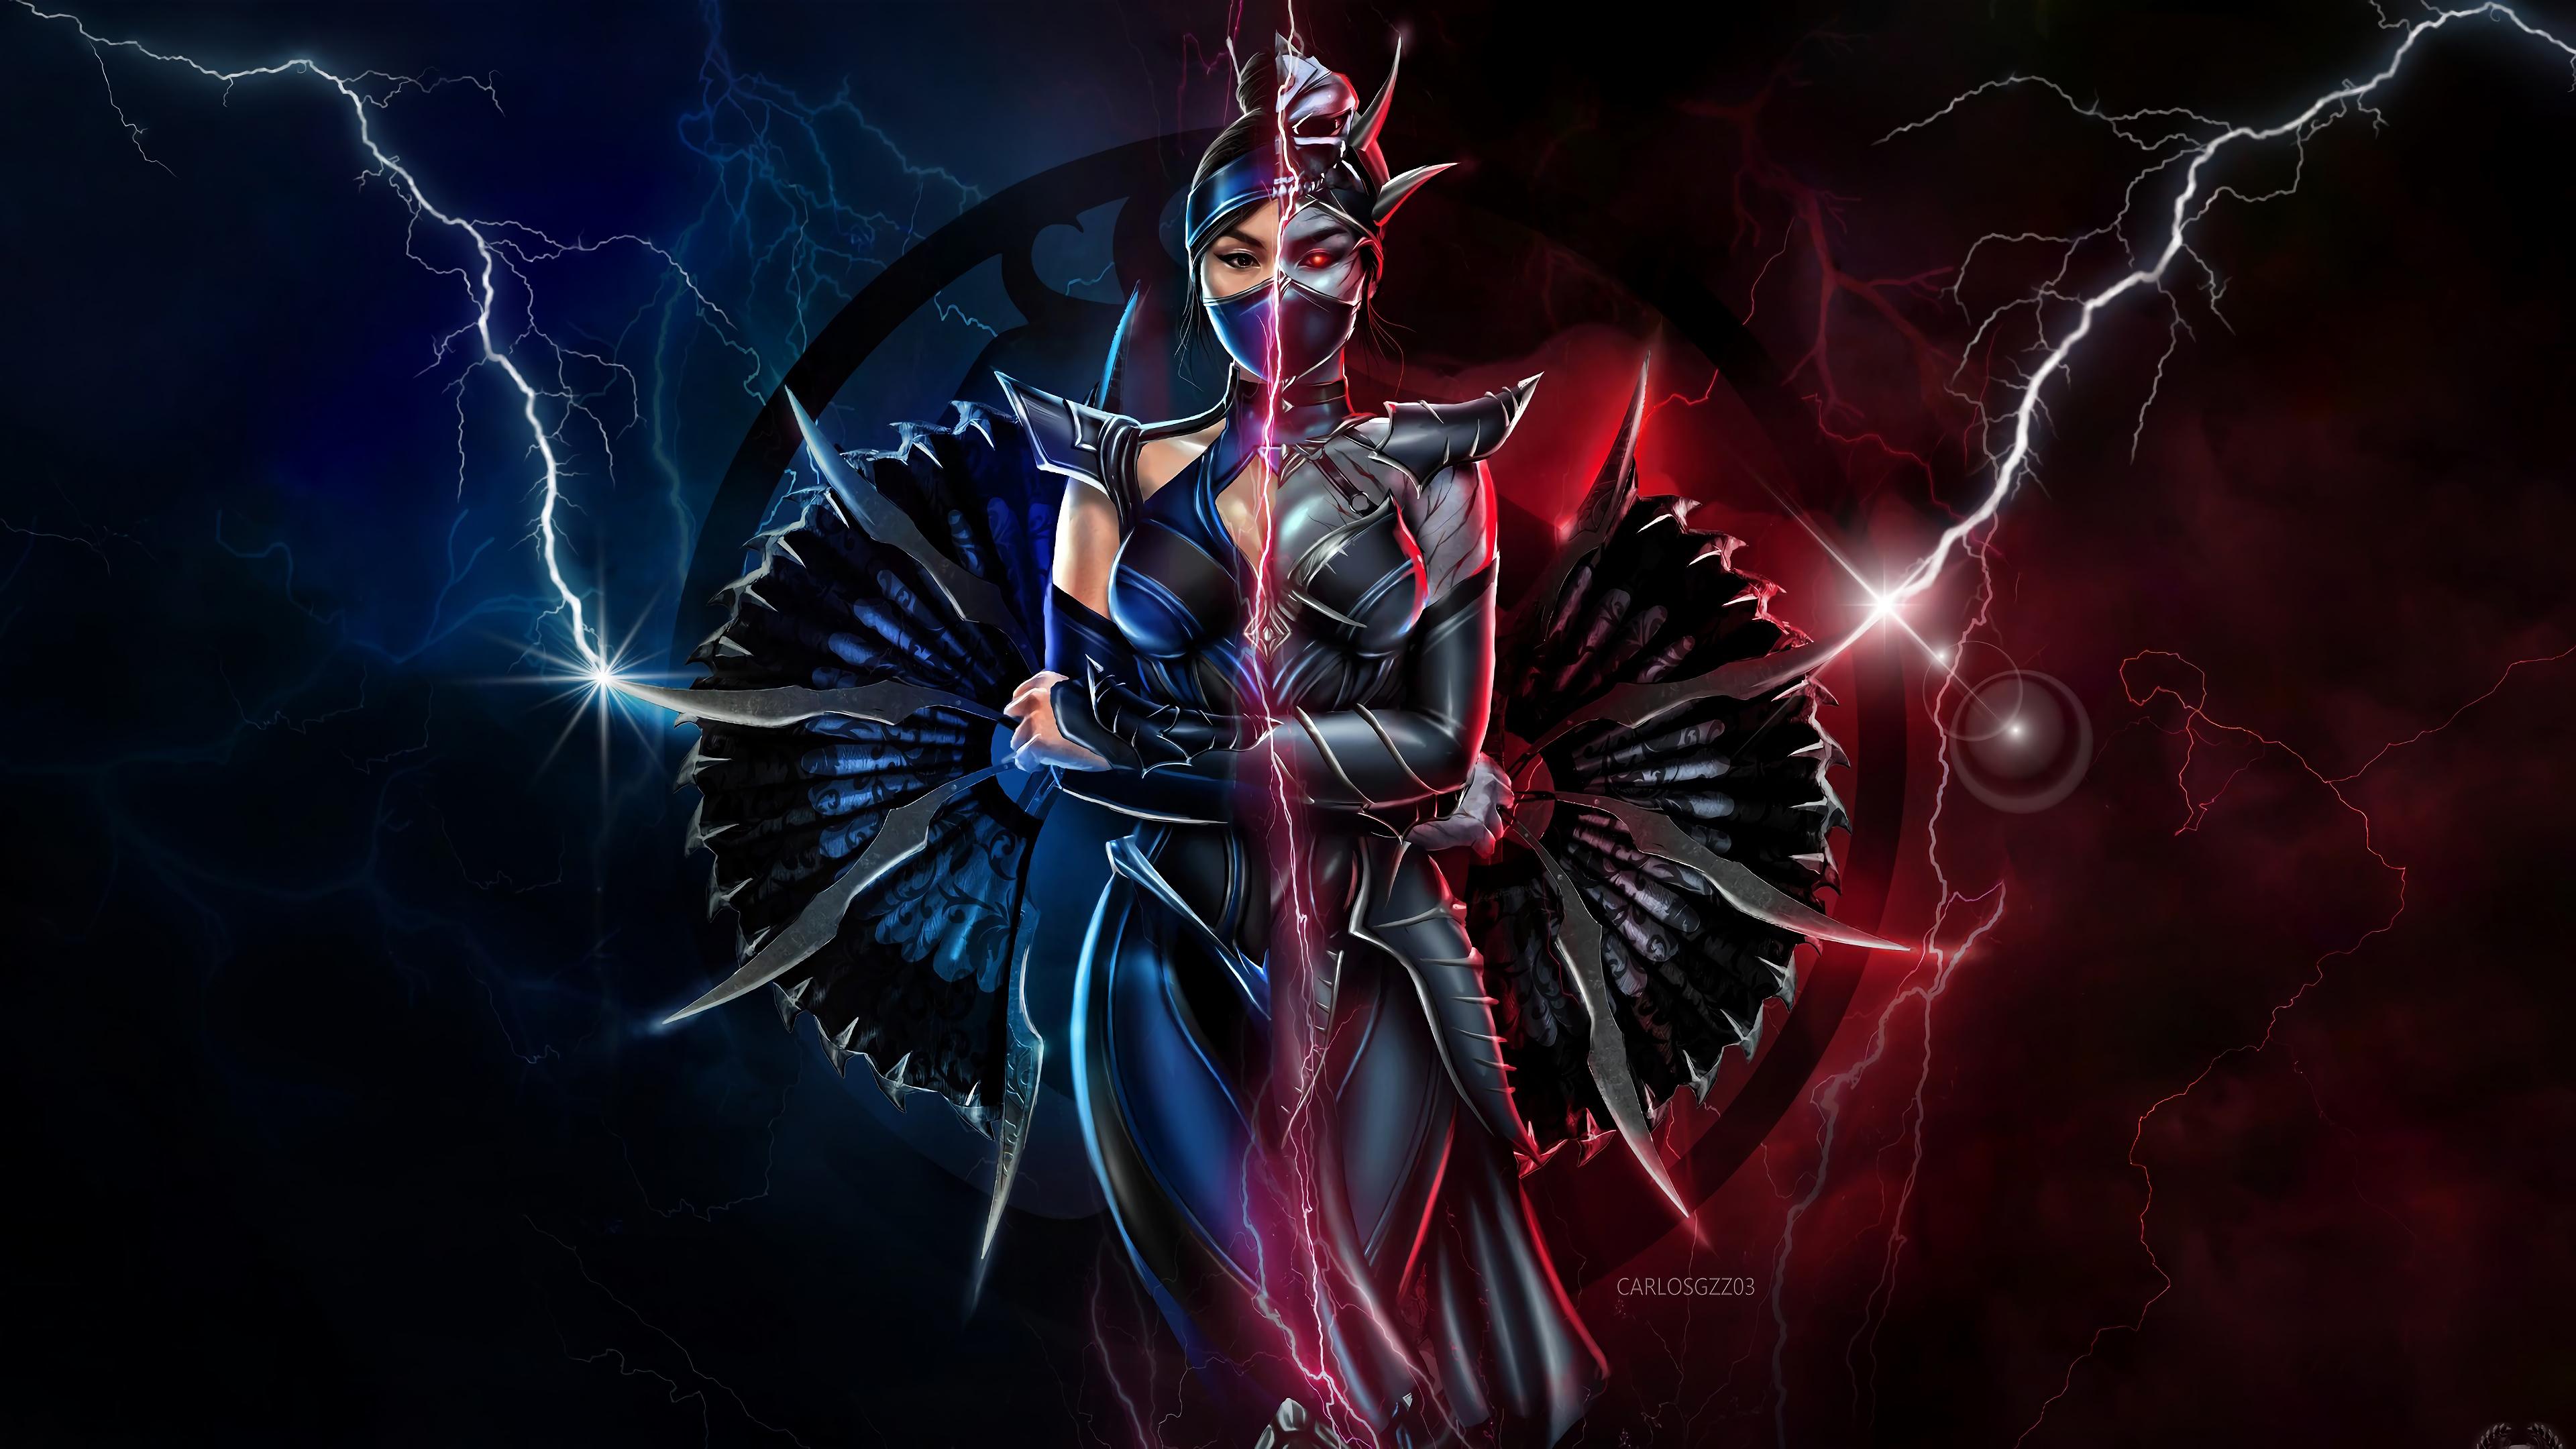 2560x1080 Kitana Mortal Kombat 11 2560x1080 Resolution Wallpaper